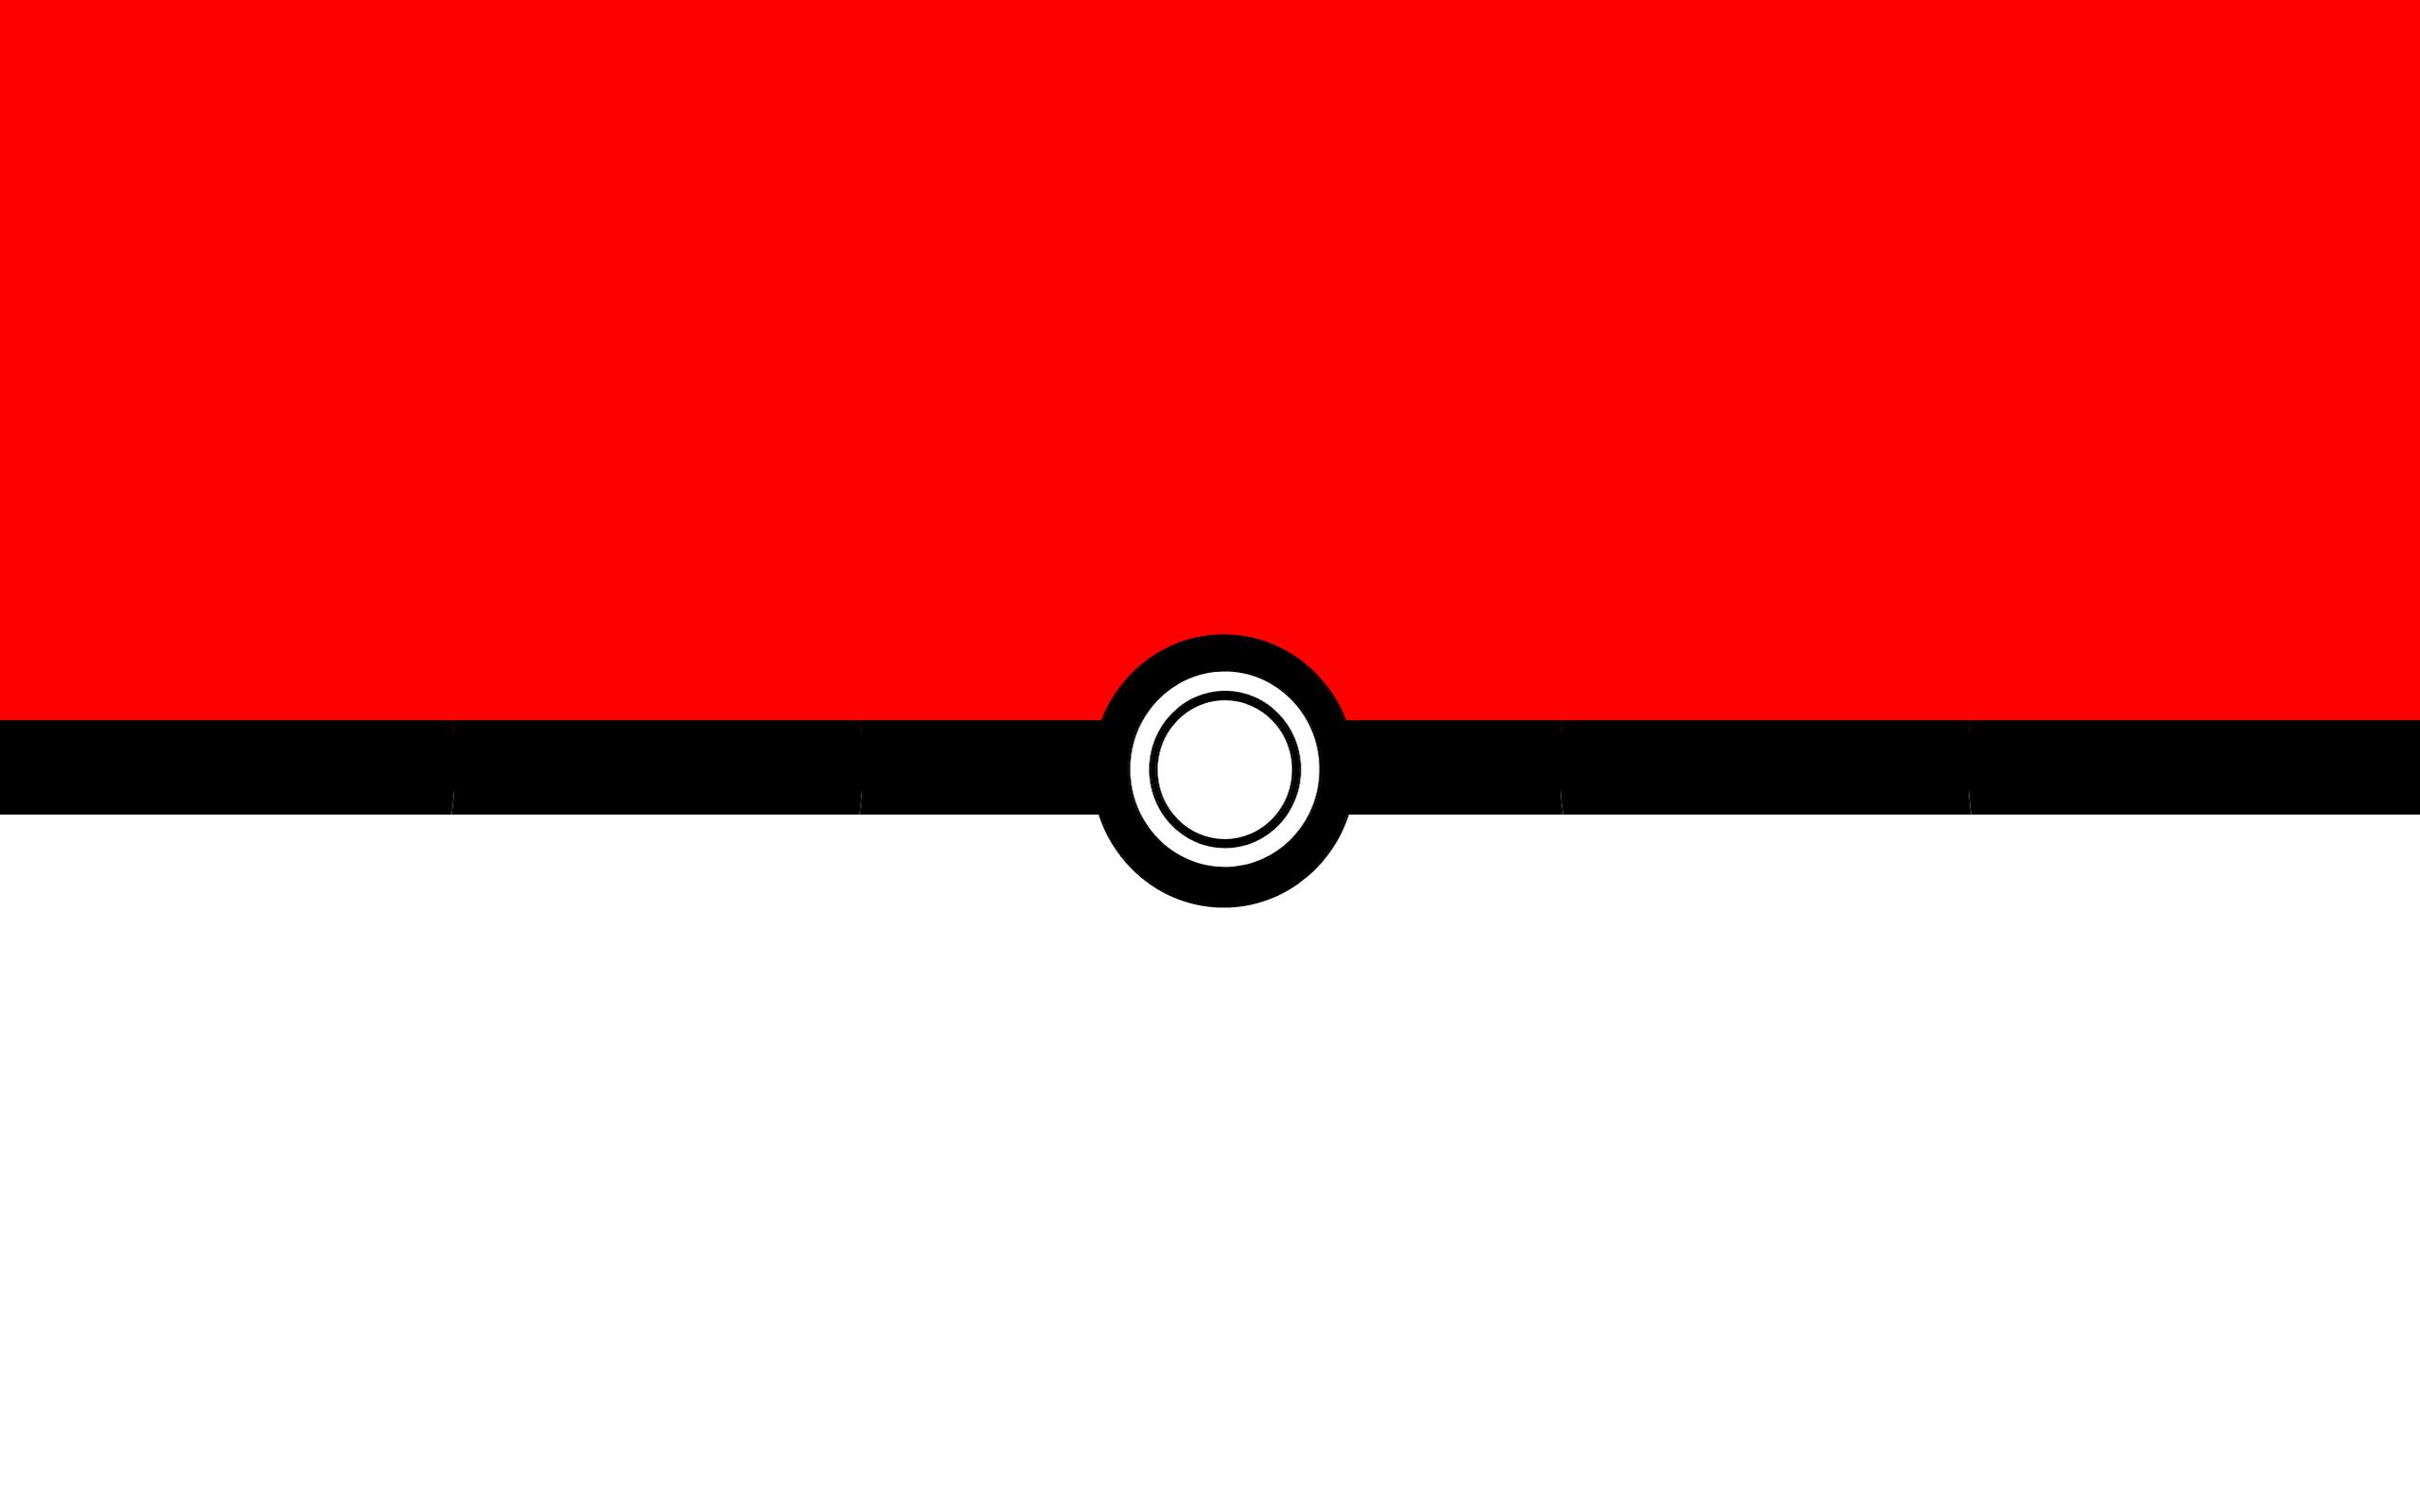 Pokemon Pokeball wallpaper 2560x1600 2838 WallpaperUP 2560x1600